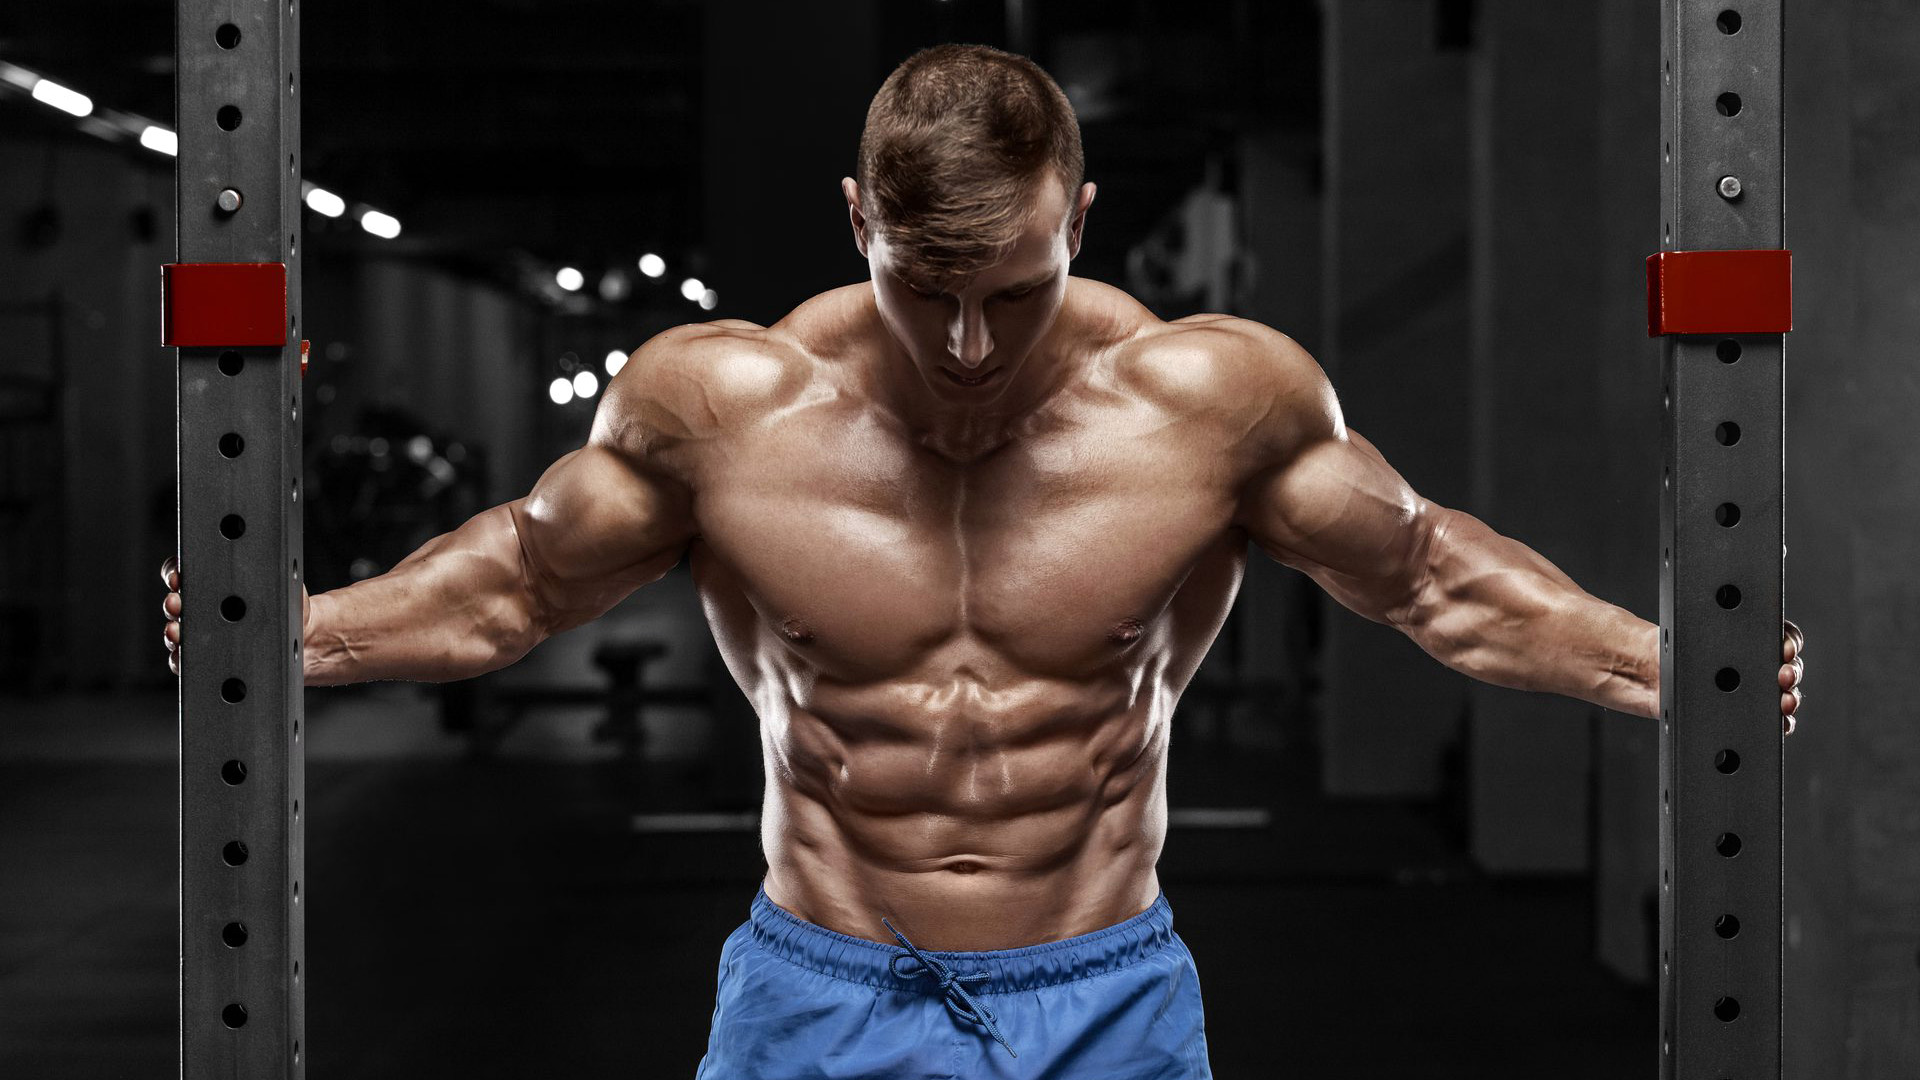 il bodybuilding può causare disfunzione erettile